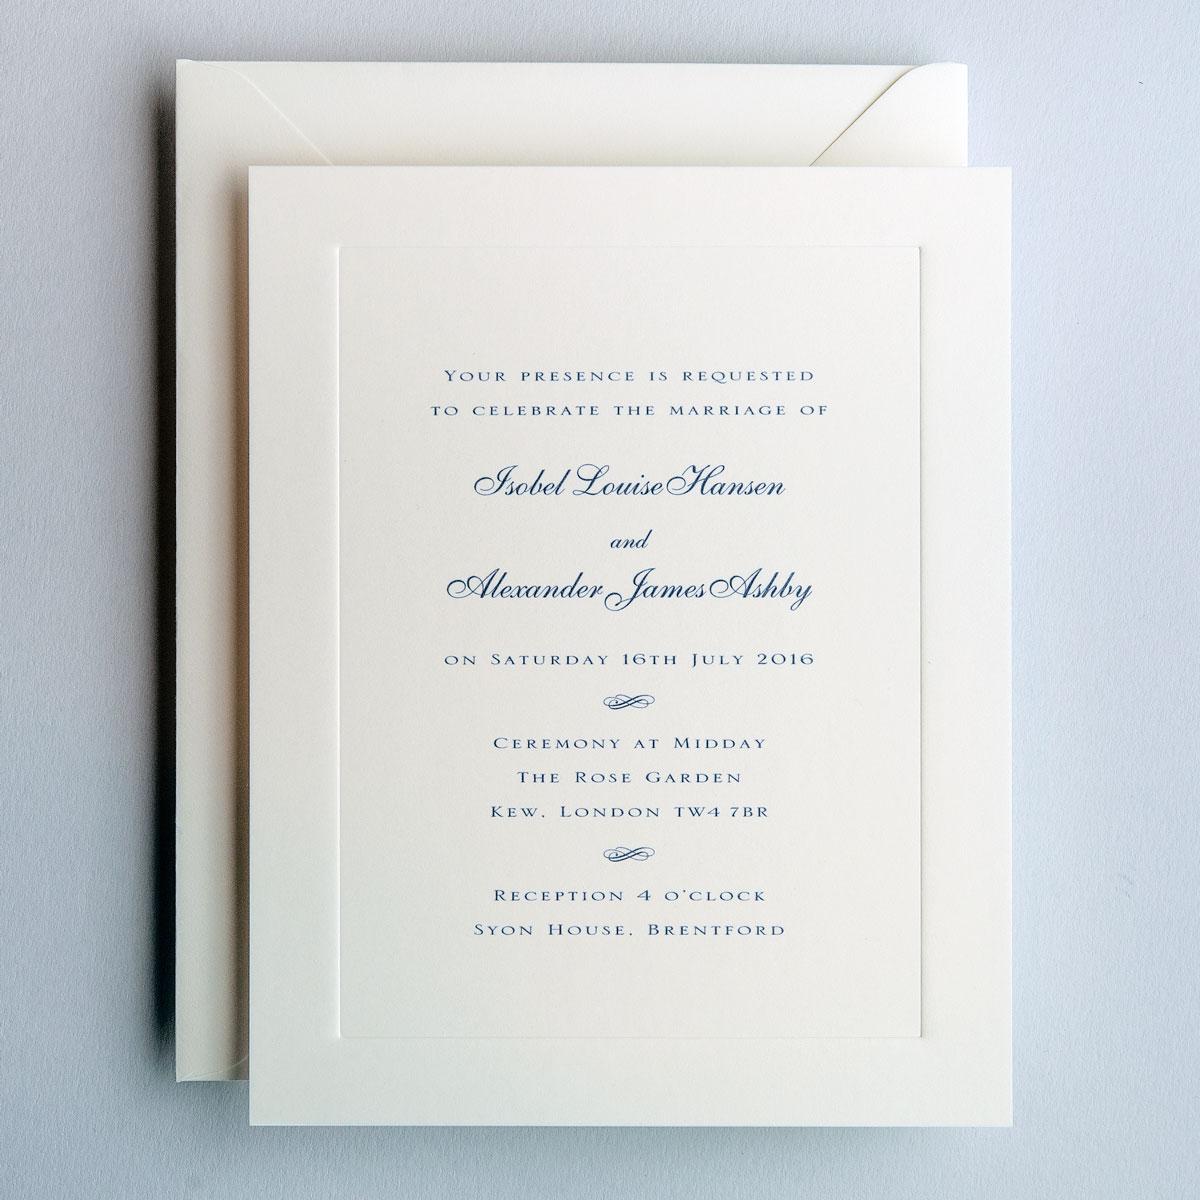 royal wedding invitation sle - 28 images - royal blue wedding ...